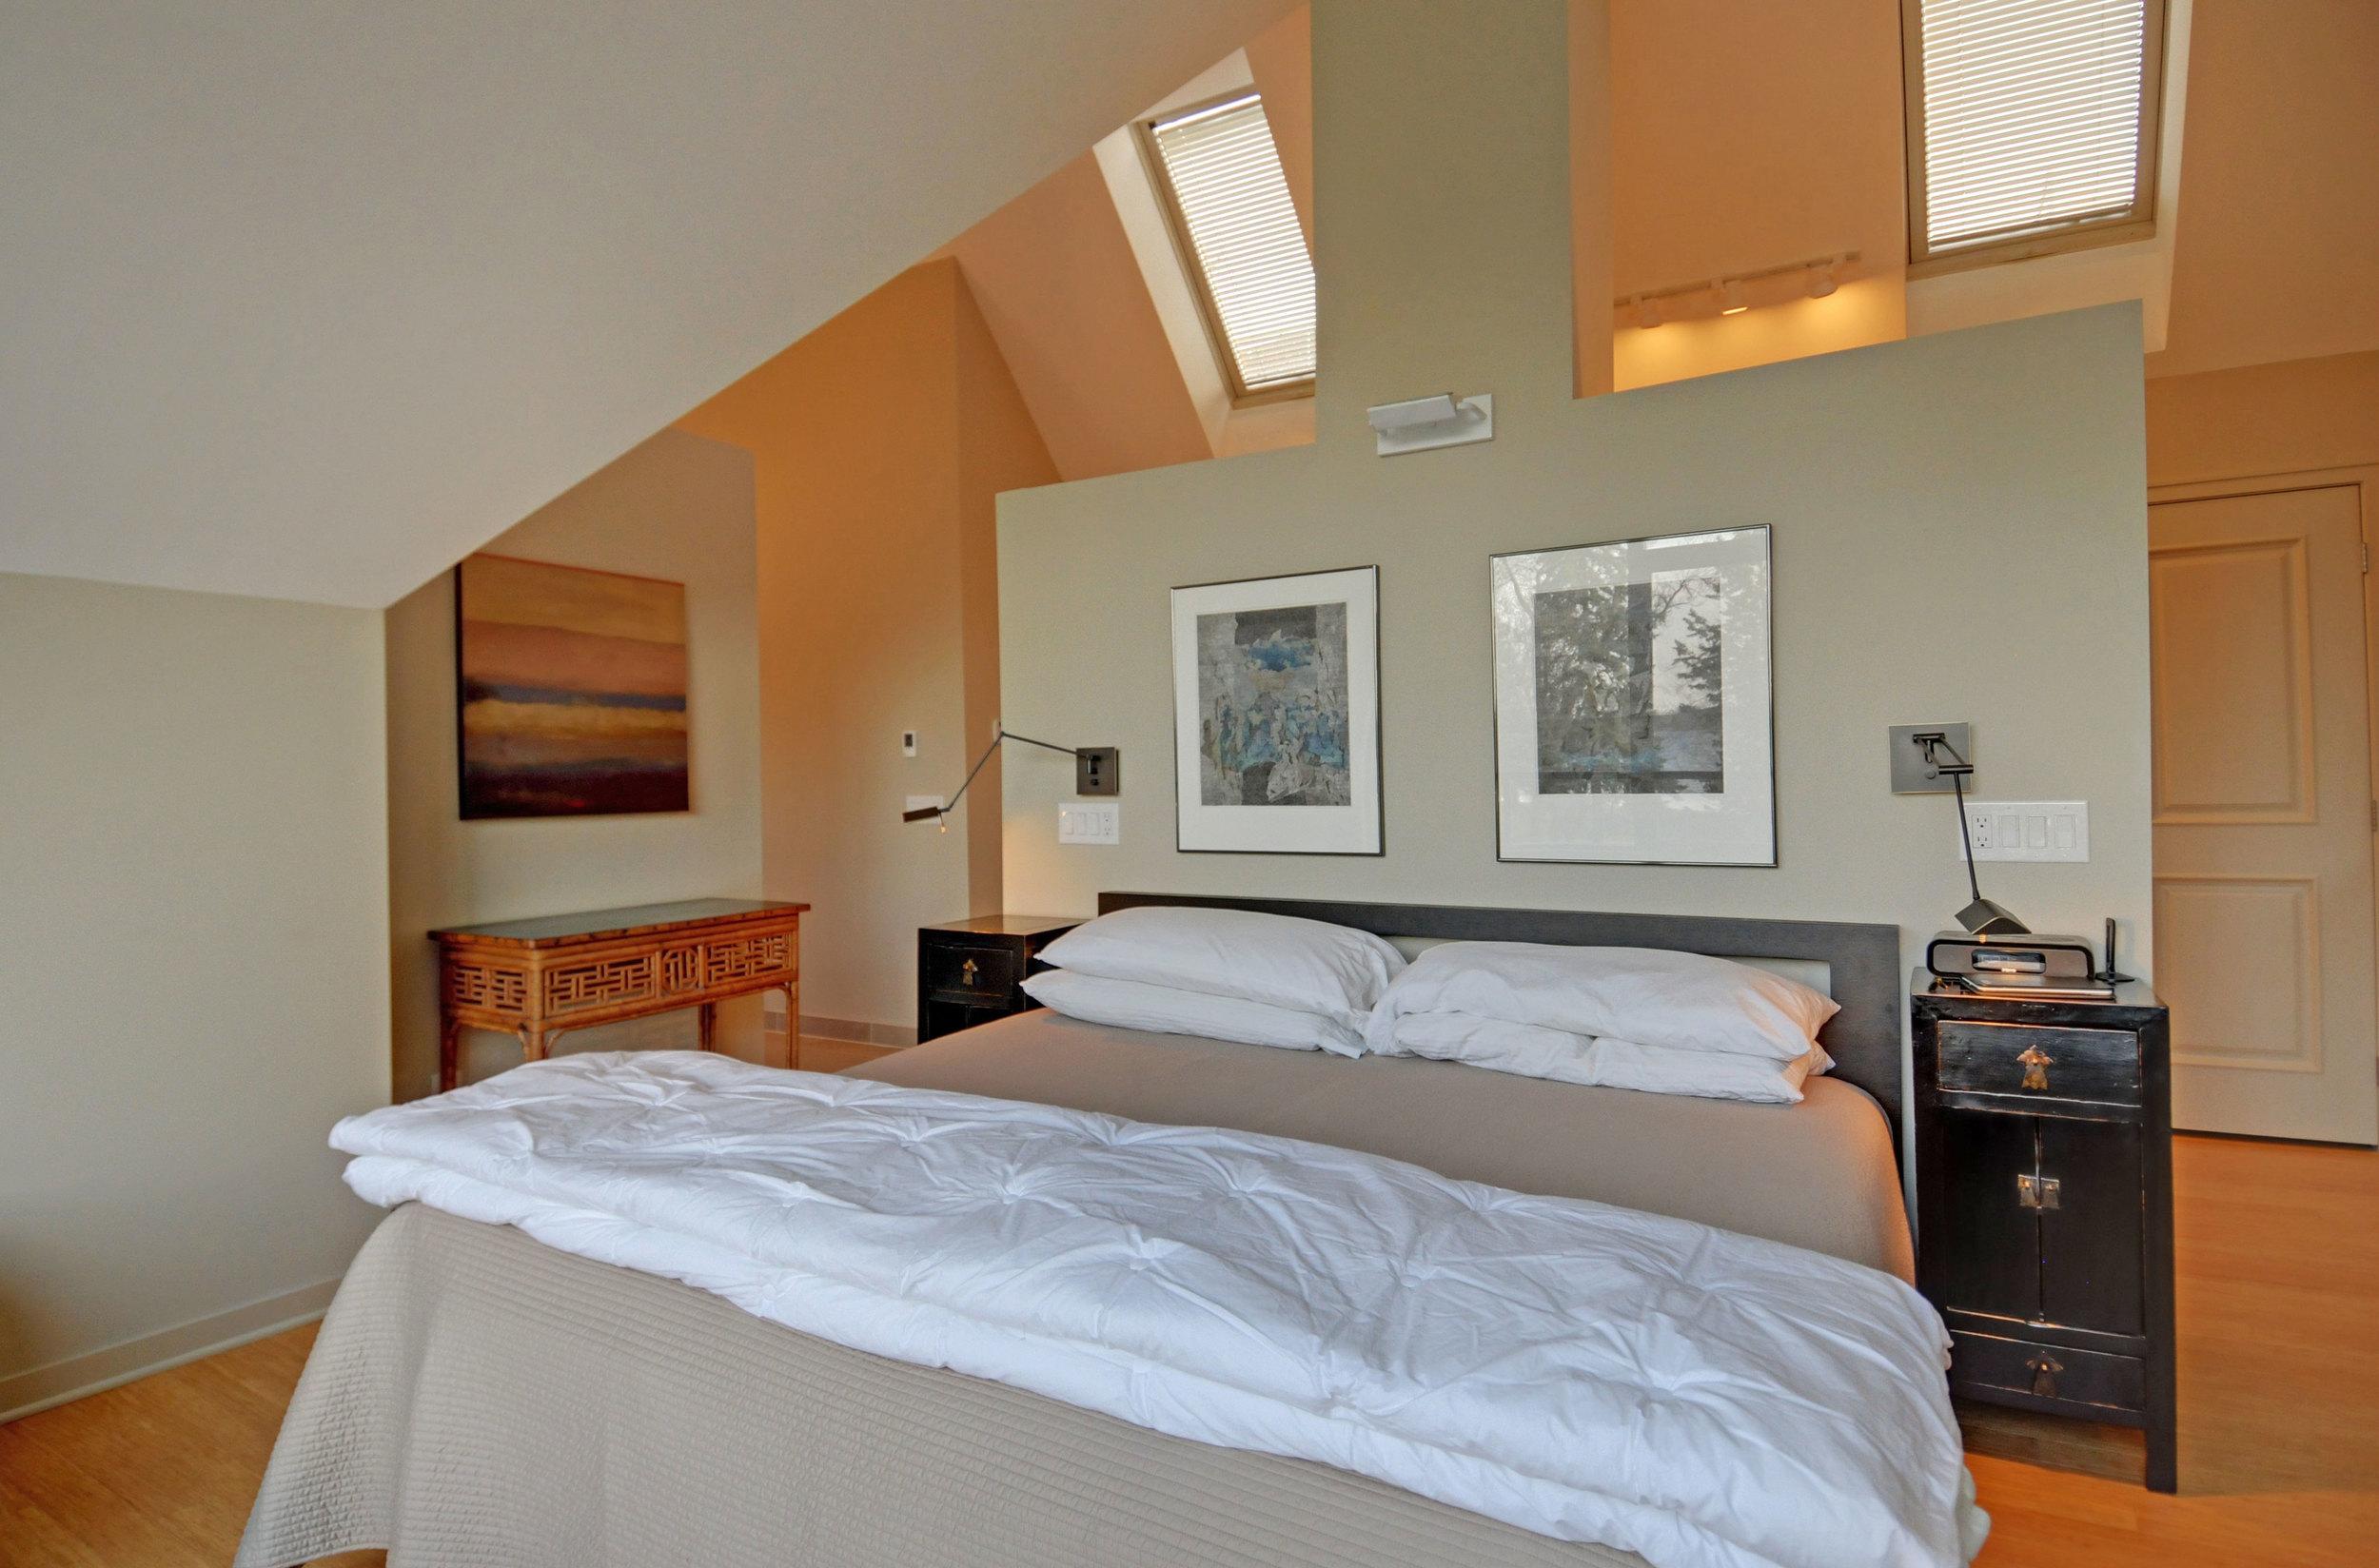 7 3738-master-bedroom-looking-in.jpg